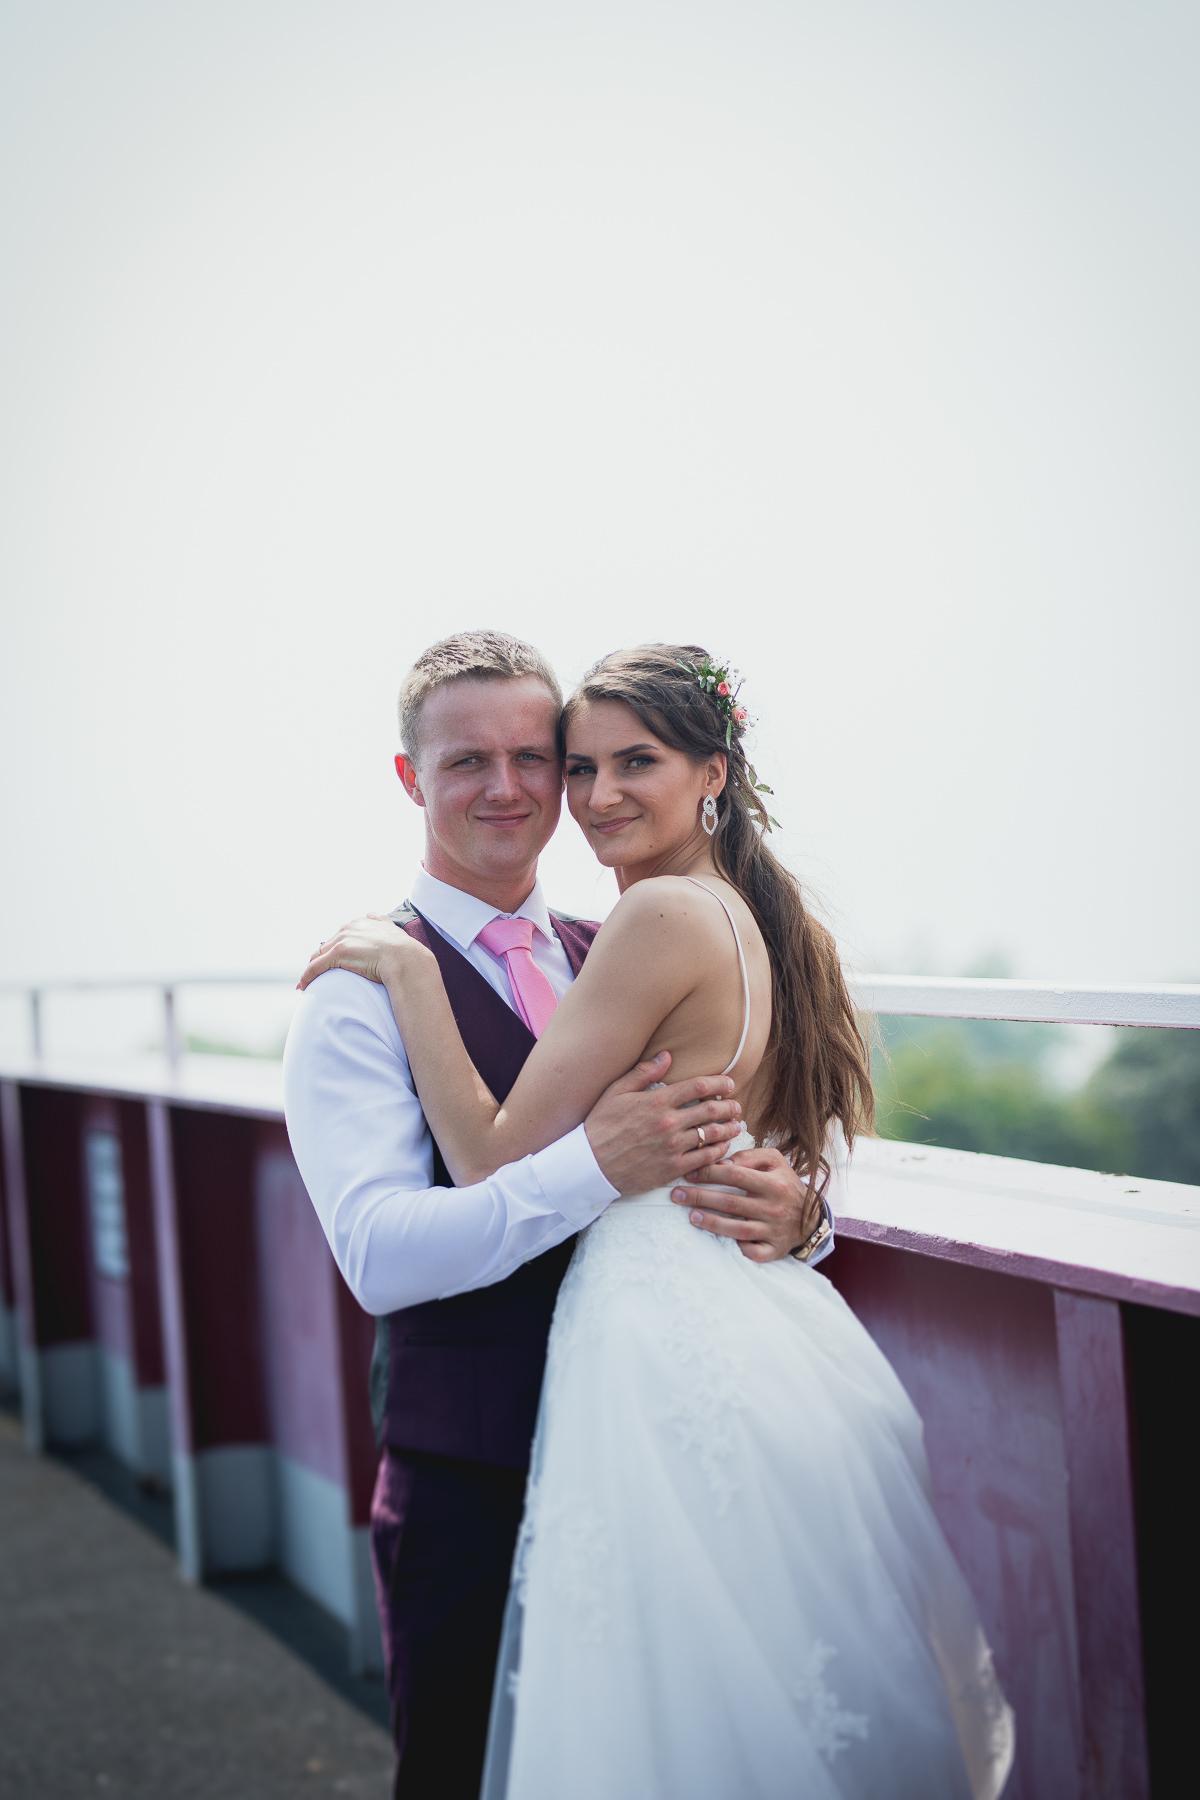 Dangira & Ignas Chichester Weddings VILCINSKAITE PHOTO 23.jpg